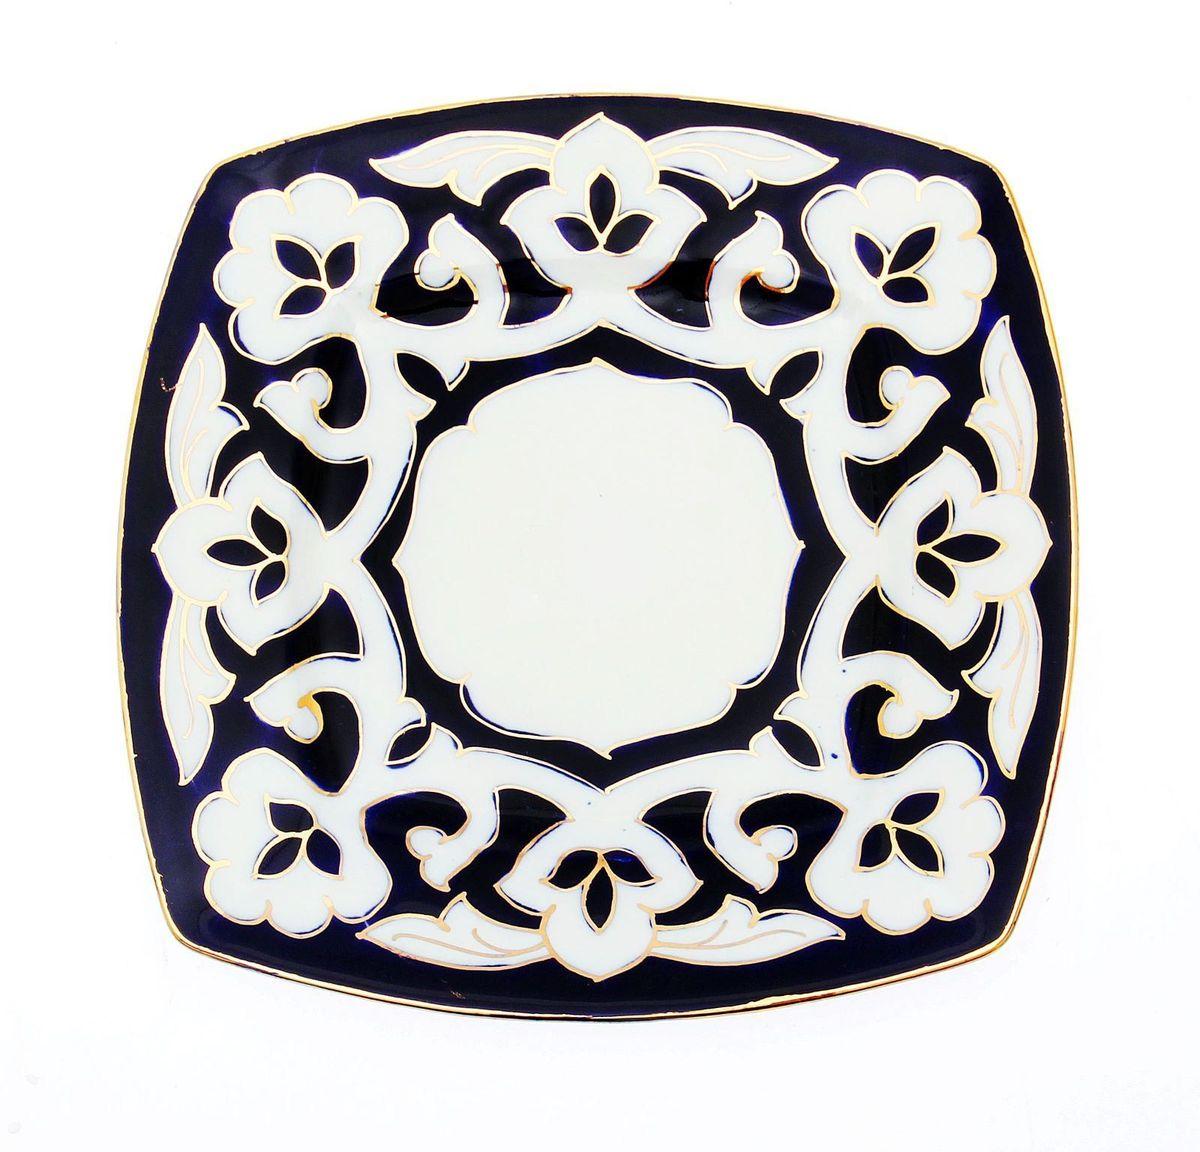 Тарелка Turon Porcelain Пахта, цвет: синий, белый, золотистый, 20 х 20 см1625376Узбекская посуда известна всему миру уже более тысячи лет. Ей любовались царские особы, на ней подавали еду для шейхов и знатных персон. Формулы красок и глазури передаются из поколения в поколение. По сей день качественные расписные изделия продолжают восхищать совершенством и завораживающей красотой. Тарелка Turon Porcelain Пахта подойдет для повседневной и праздничной сервировки. Дополните стол текстилем и салфетками в тон, чтобы получить элегантное убранство с яркими акцентами. Национальная узбекская роспись Пахта сдержанна и благородна. Витиеватые узоры выводятся тонкой кистью, а фон заливается кобальтом. Синий краситель при обжиге слегка растекается и придает контуру изображений голубой оттенок. Густая глазурь наносится толстым слоем, благодаря чему рисунок мерцает.